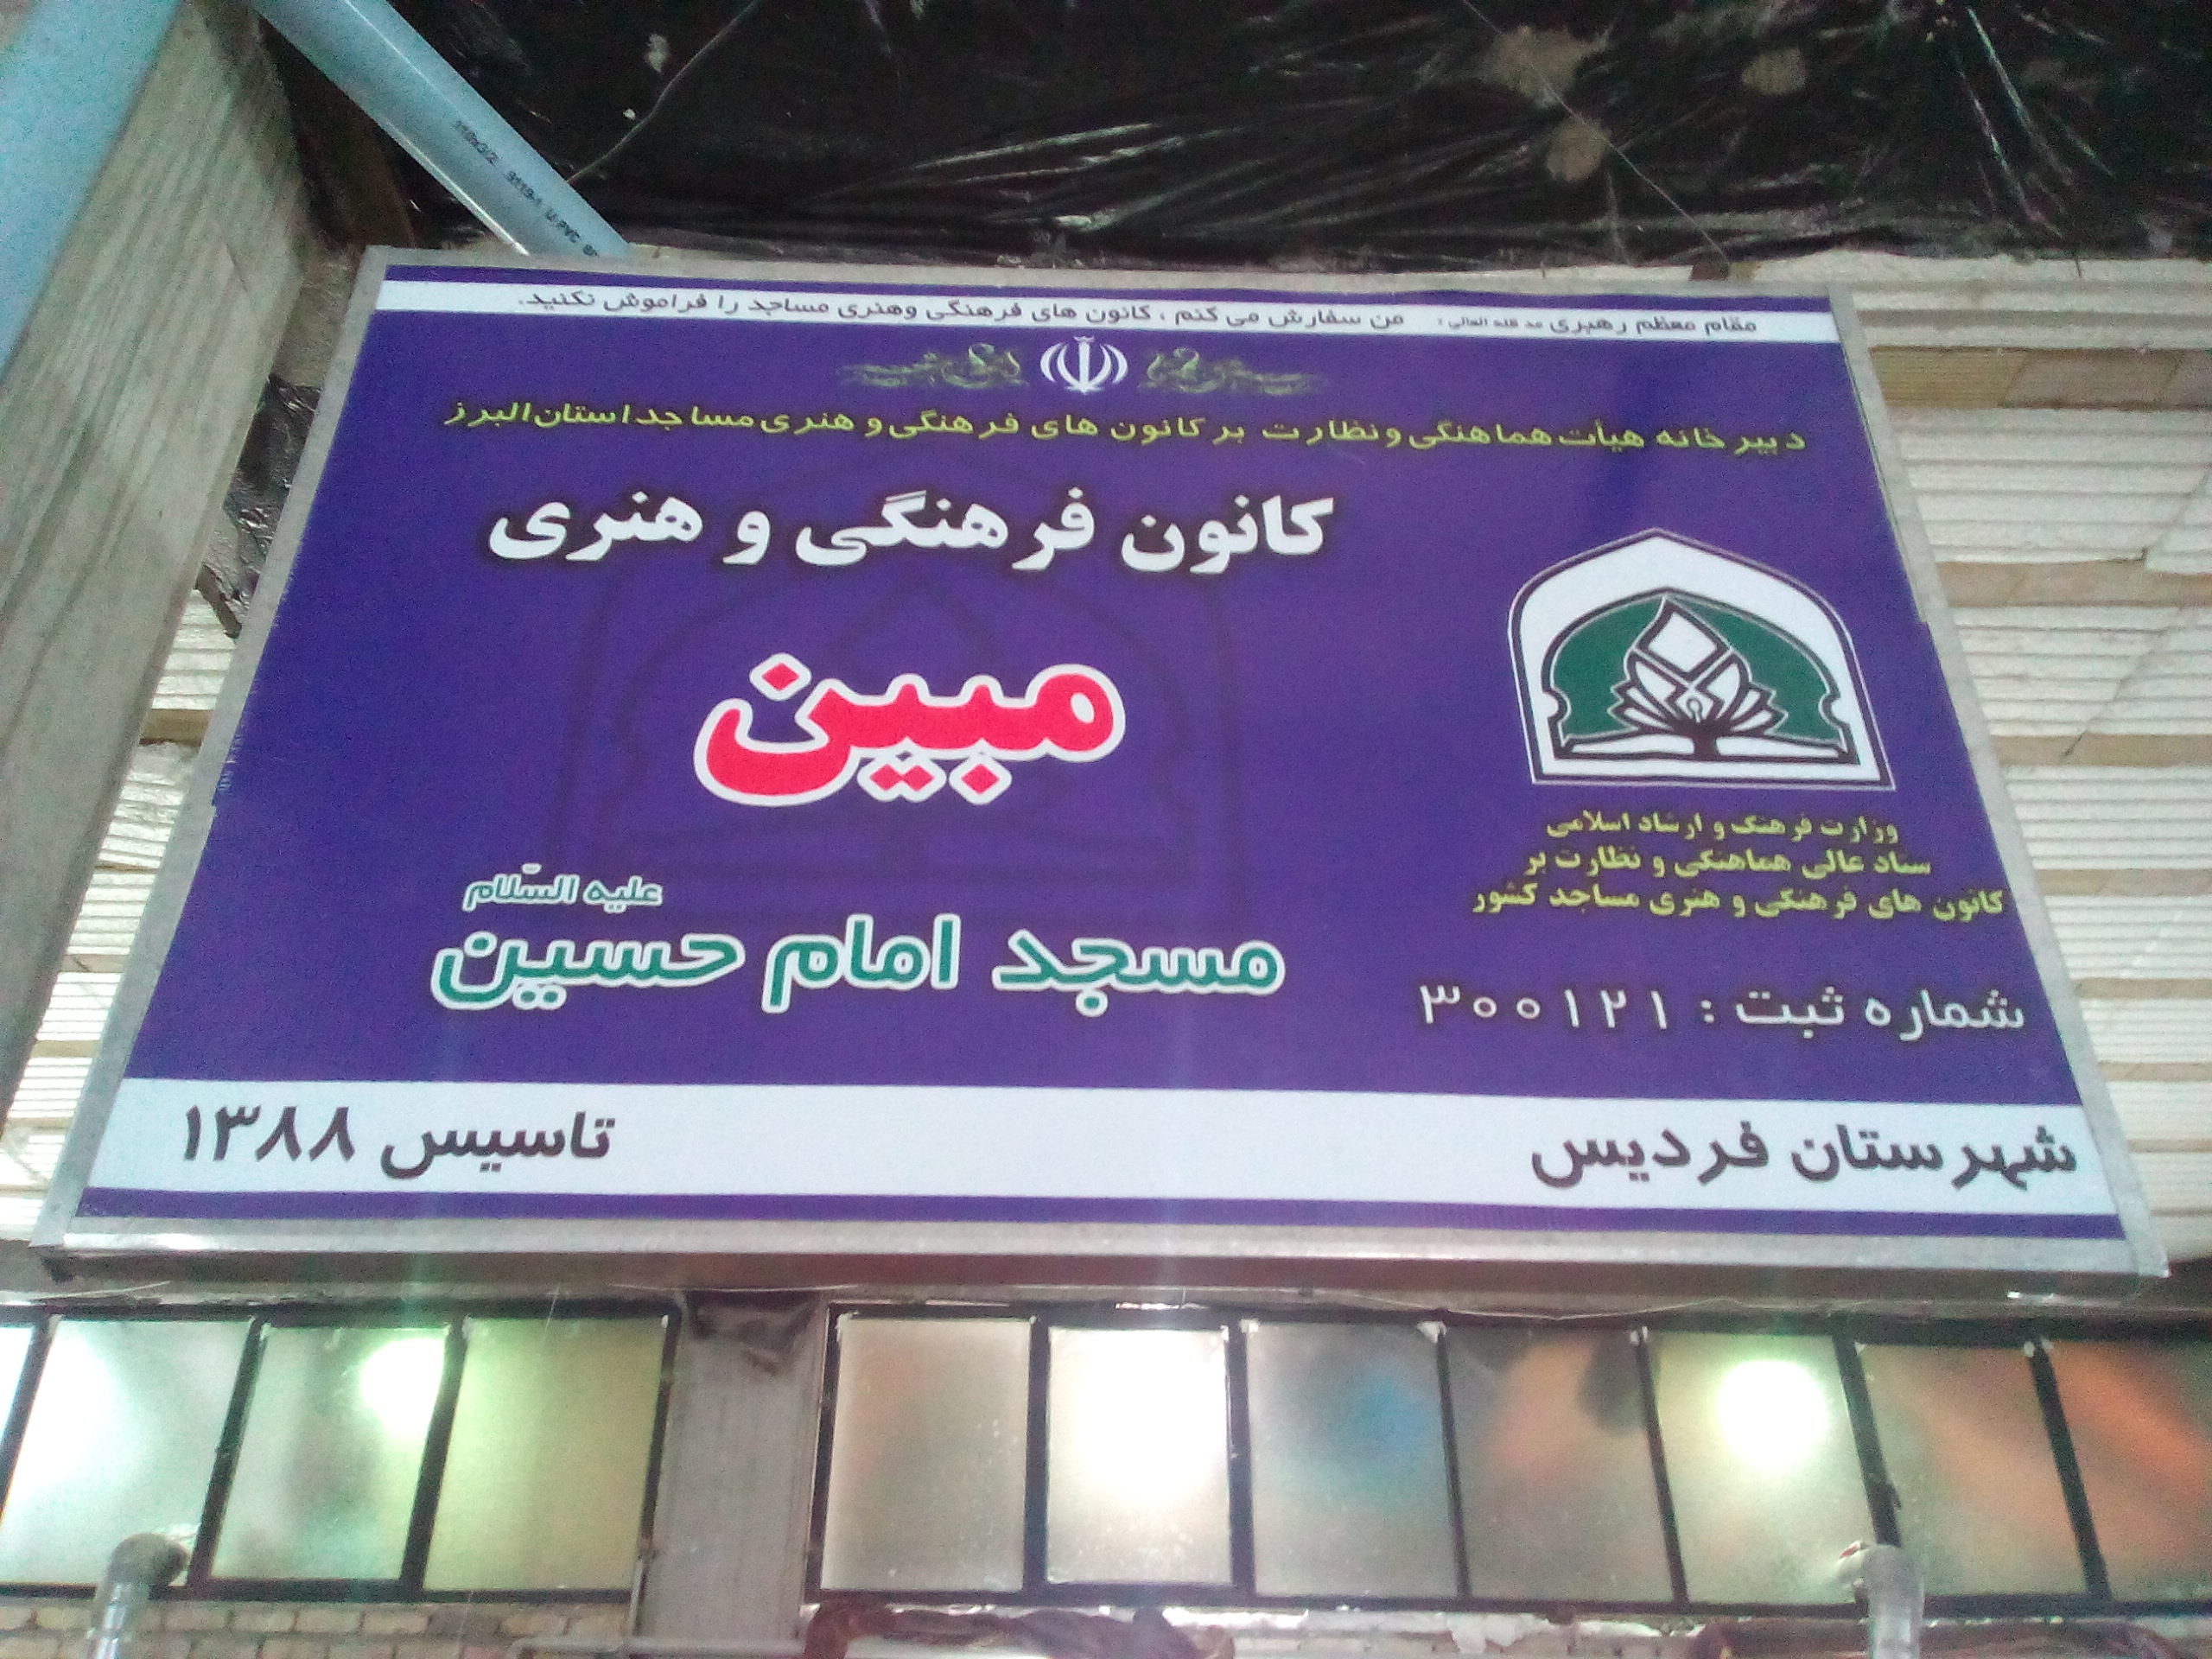 تابلوی کانون فرهنگی مبین